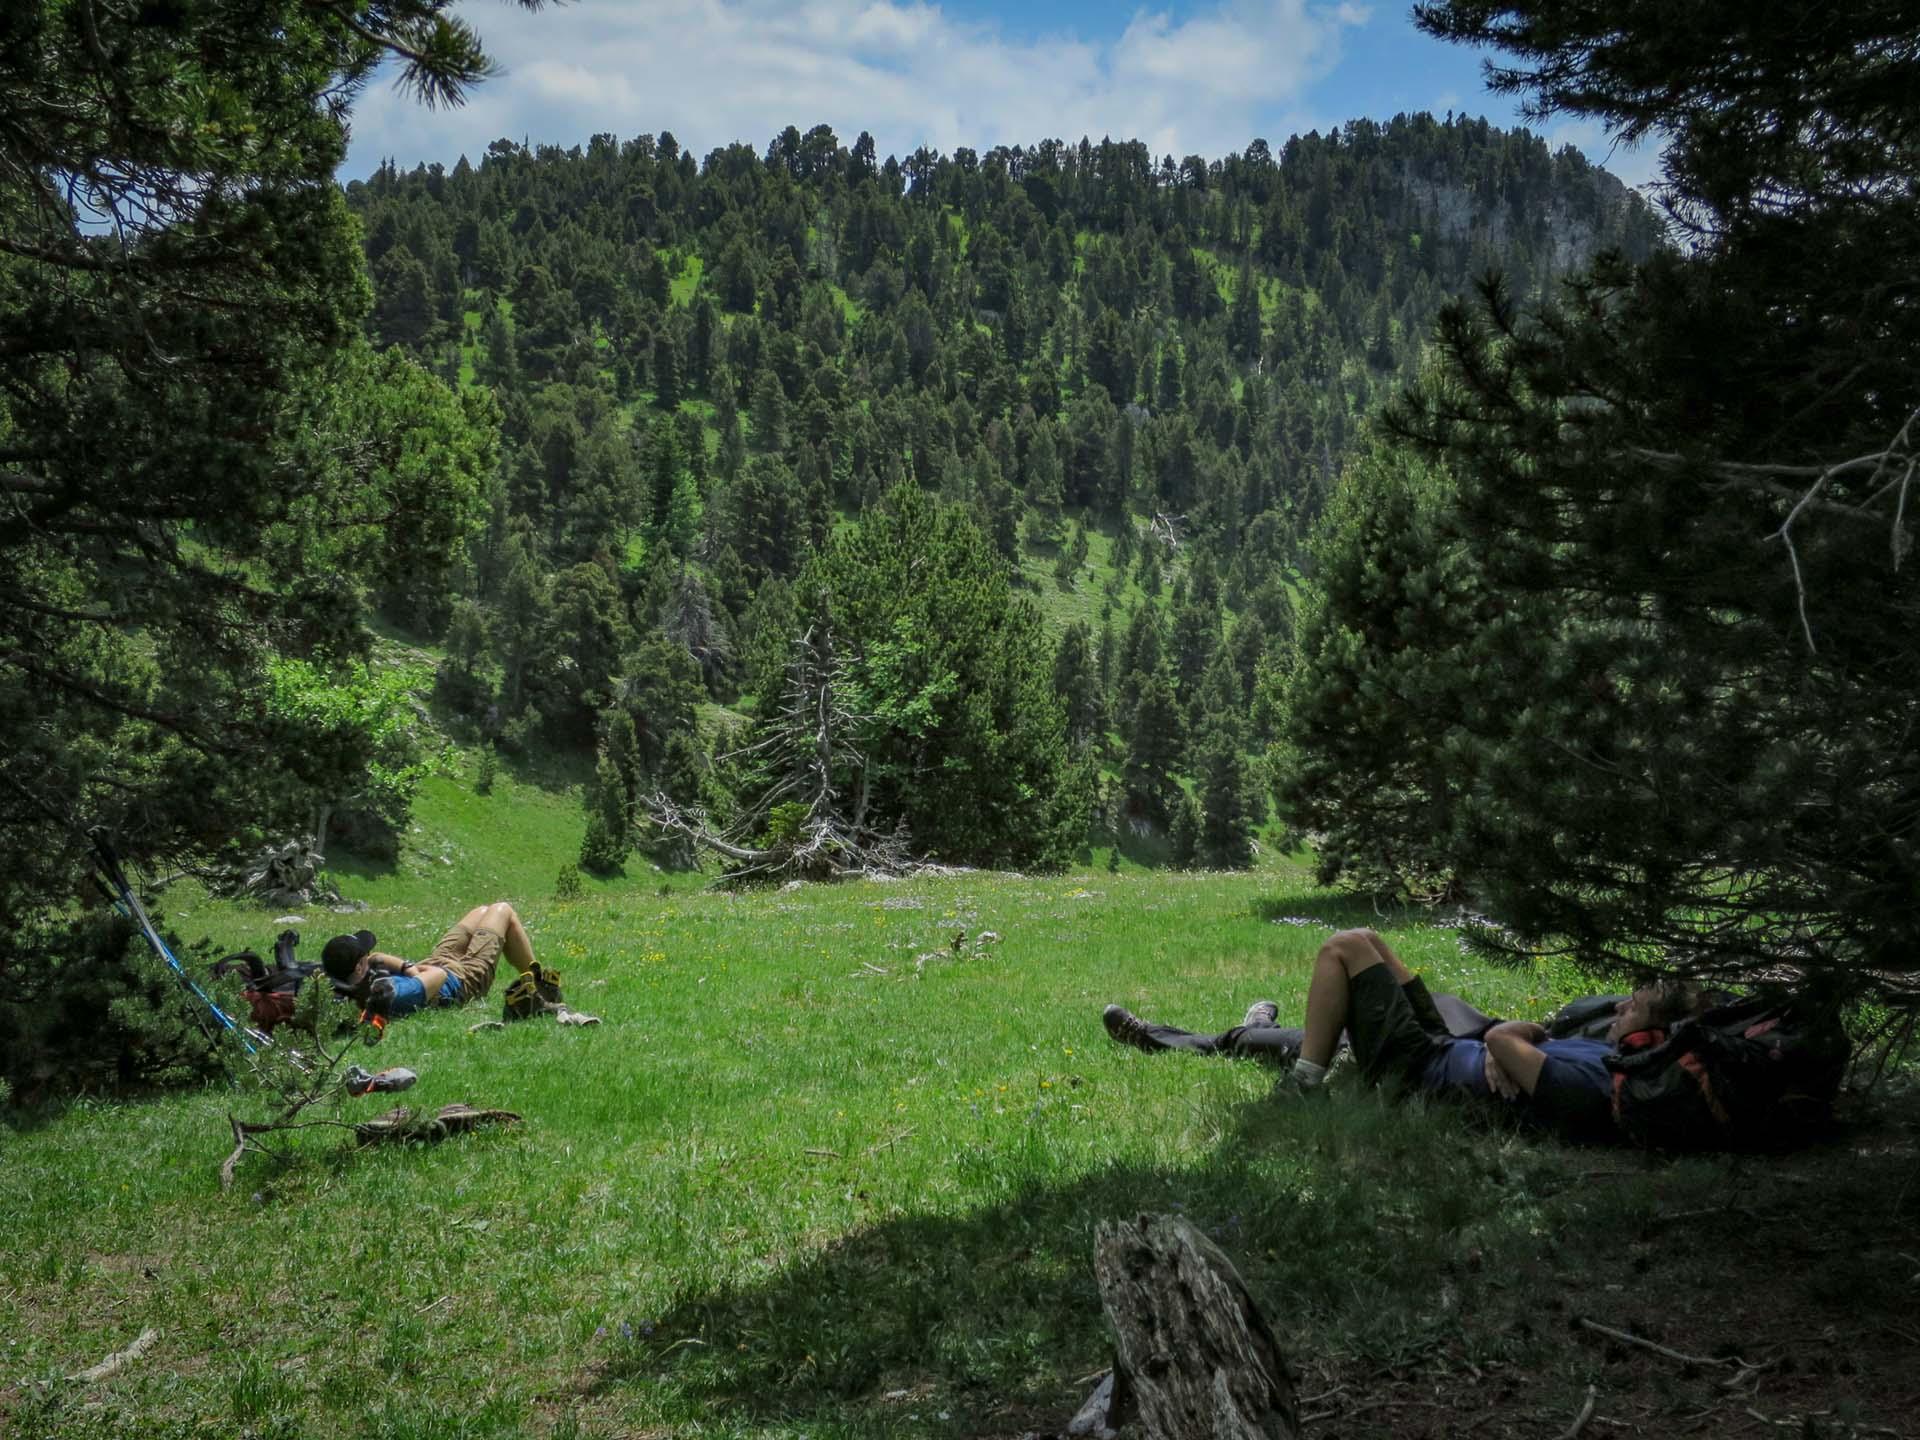 Slow Rando La Sieste Reserve Hauts Plateaux Vercors Grand Veymont Rousset Col